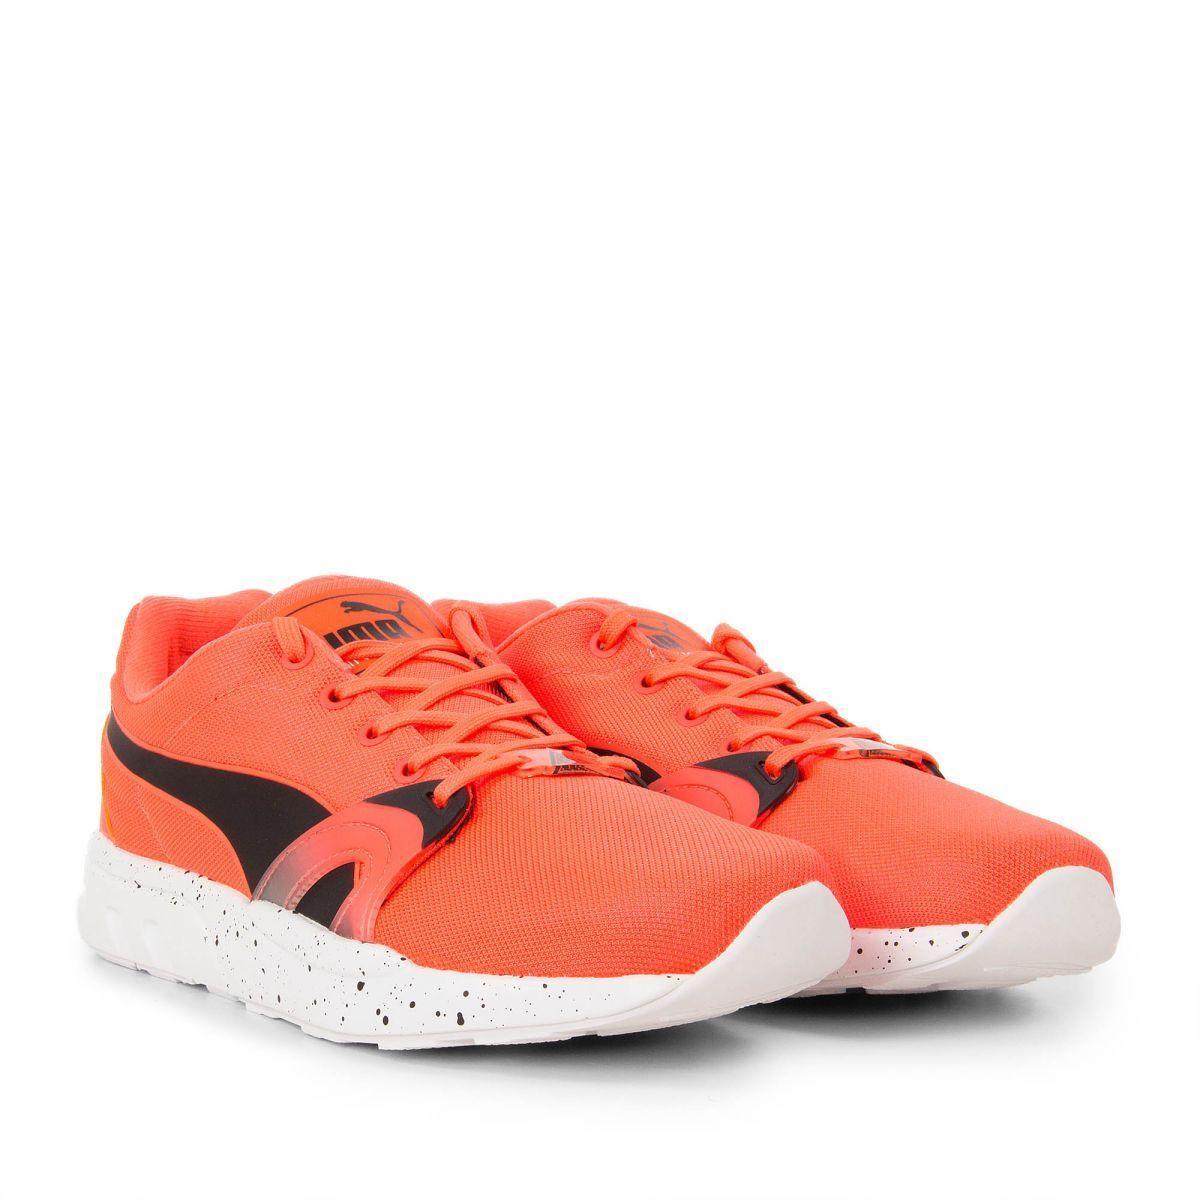 Baskets basses Puma Running XTS Speckle Orange Fluo pour Hommes - Tailles au choix